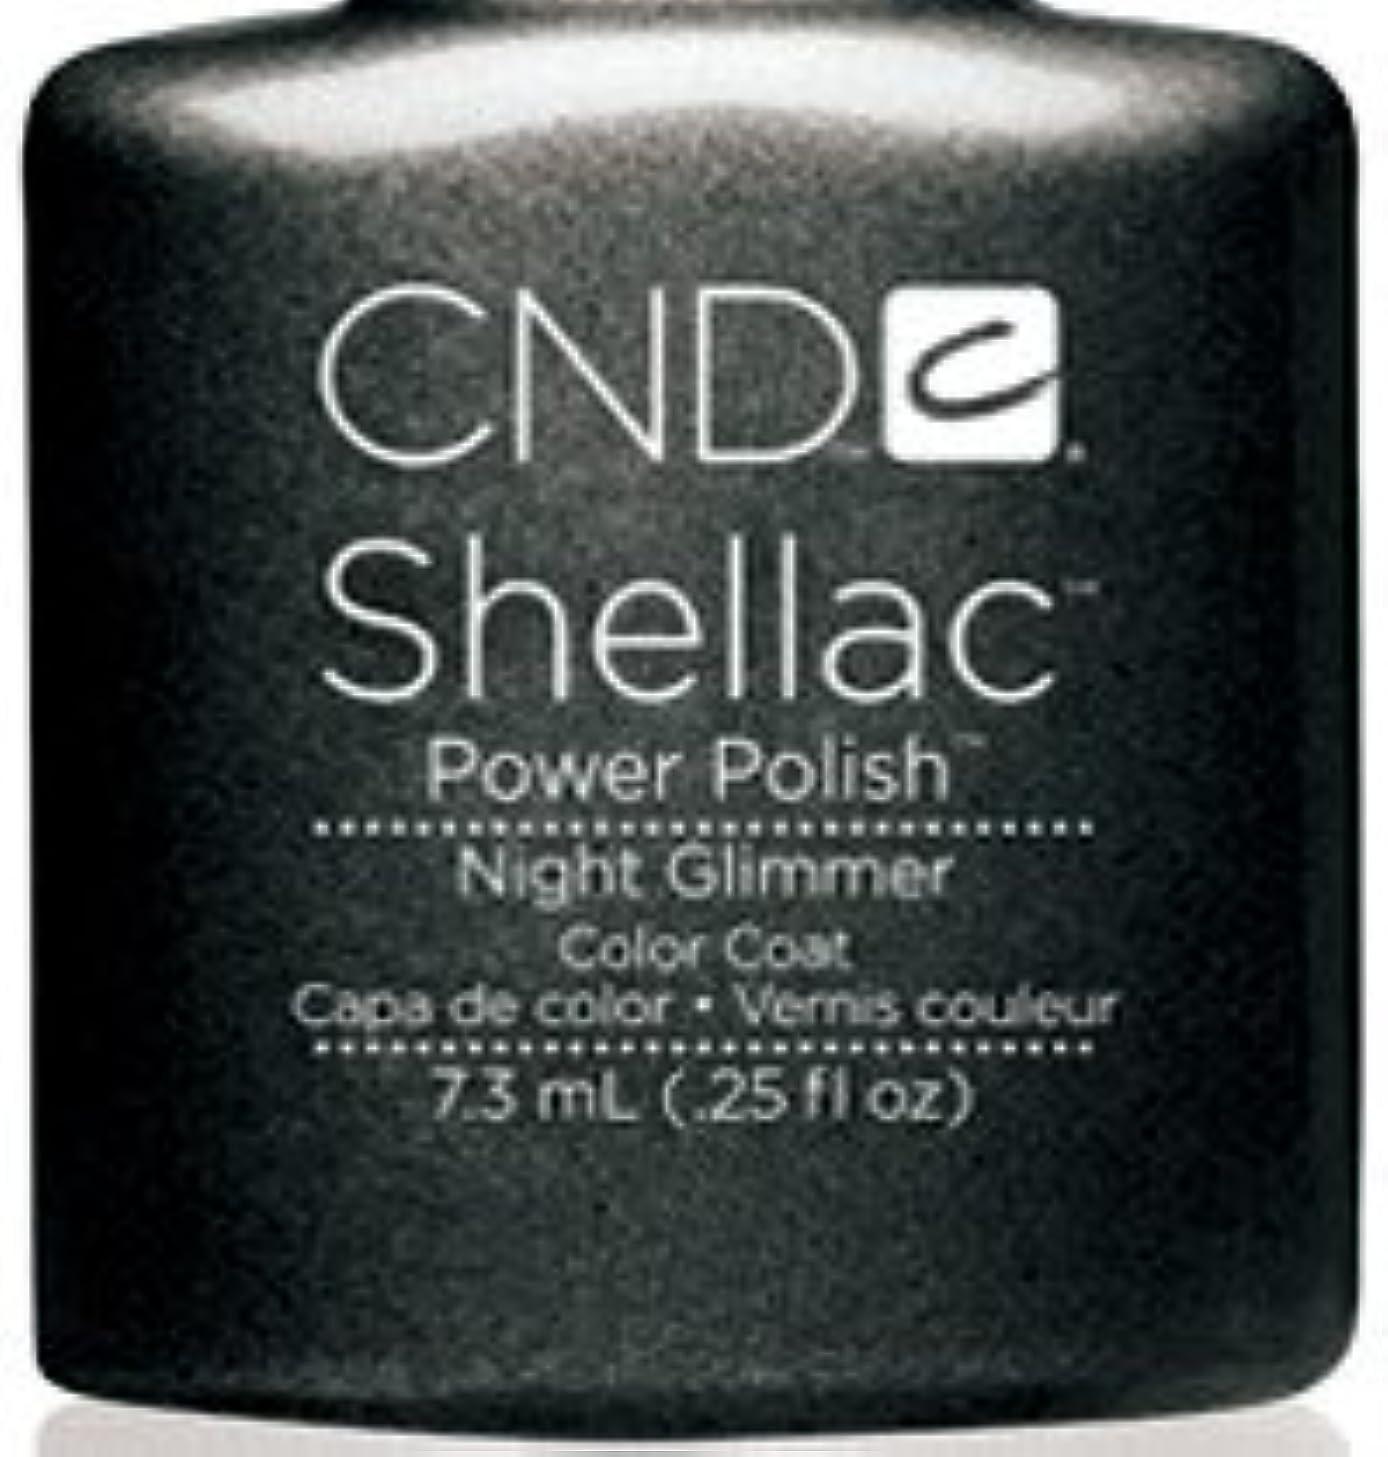 かまど苦行机CND シェラック UVカラーコート 7.3ml<BR>381 ナイトグリマー